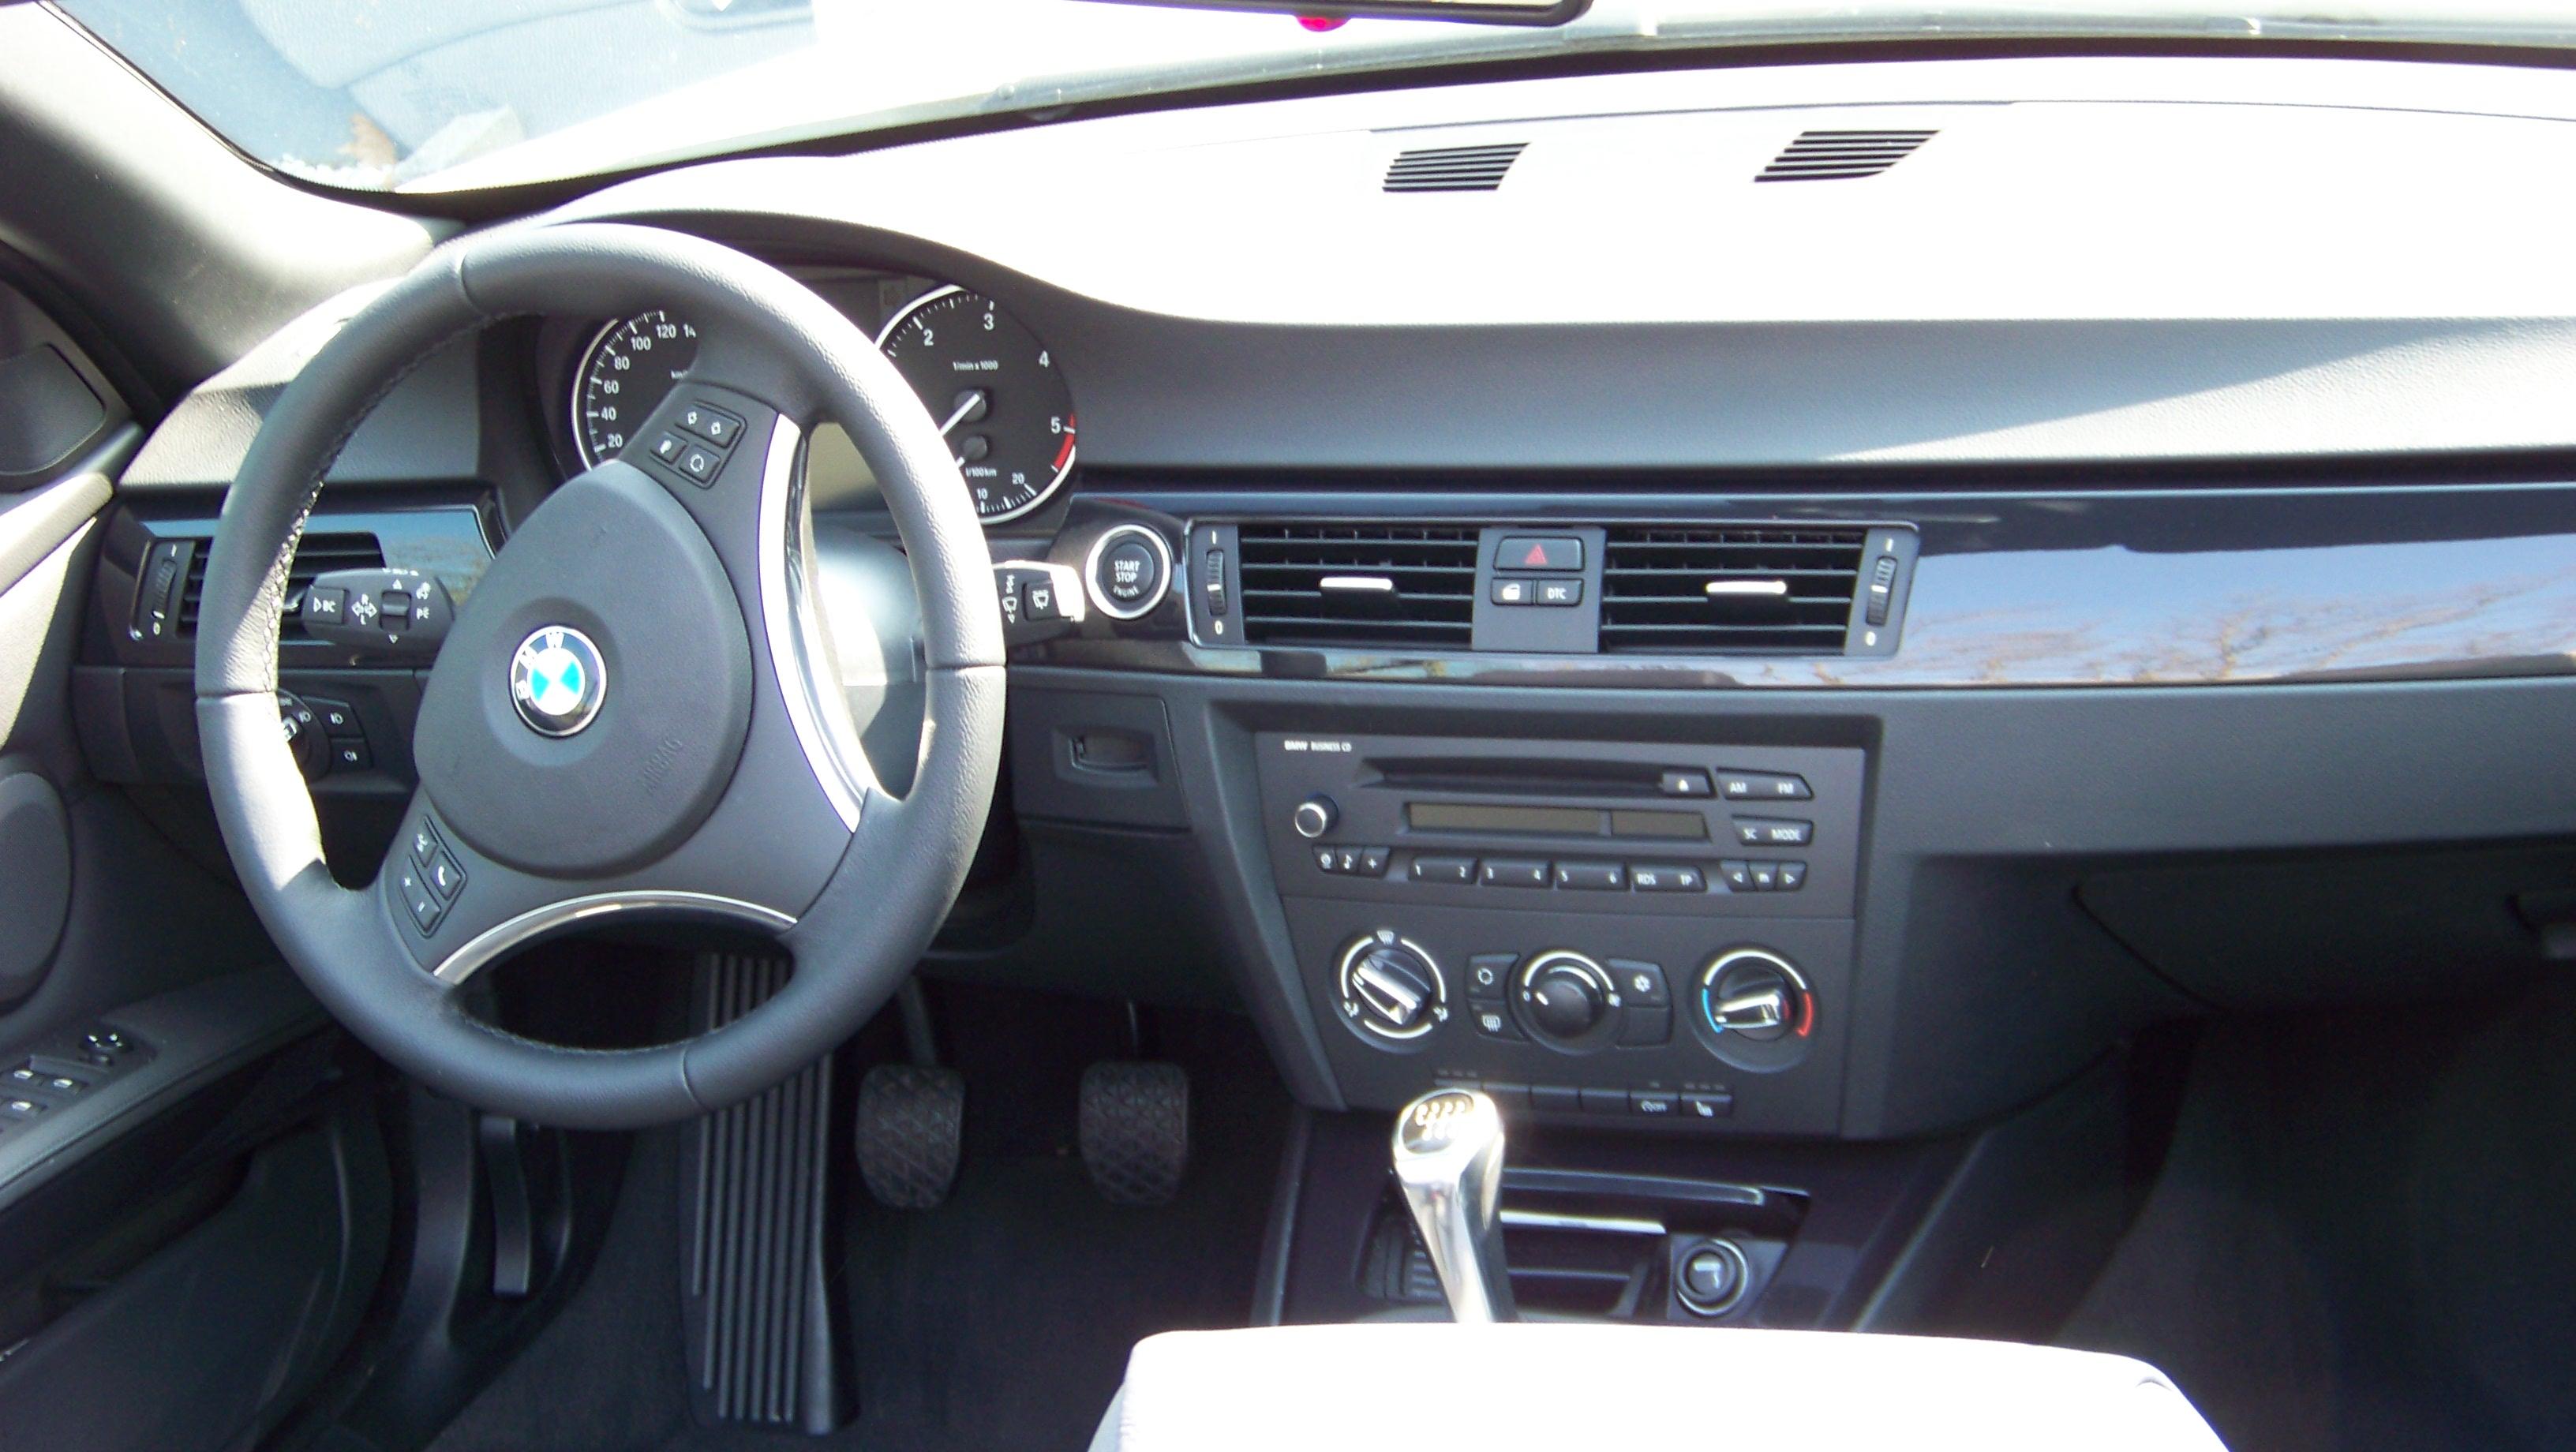 BMW X3 test